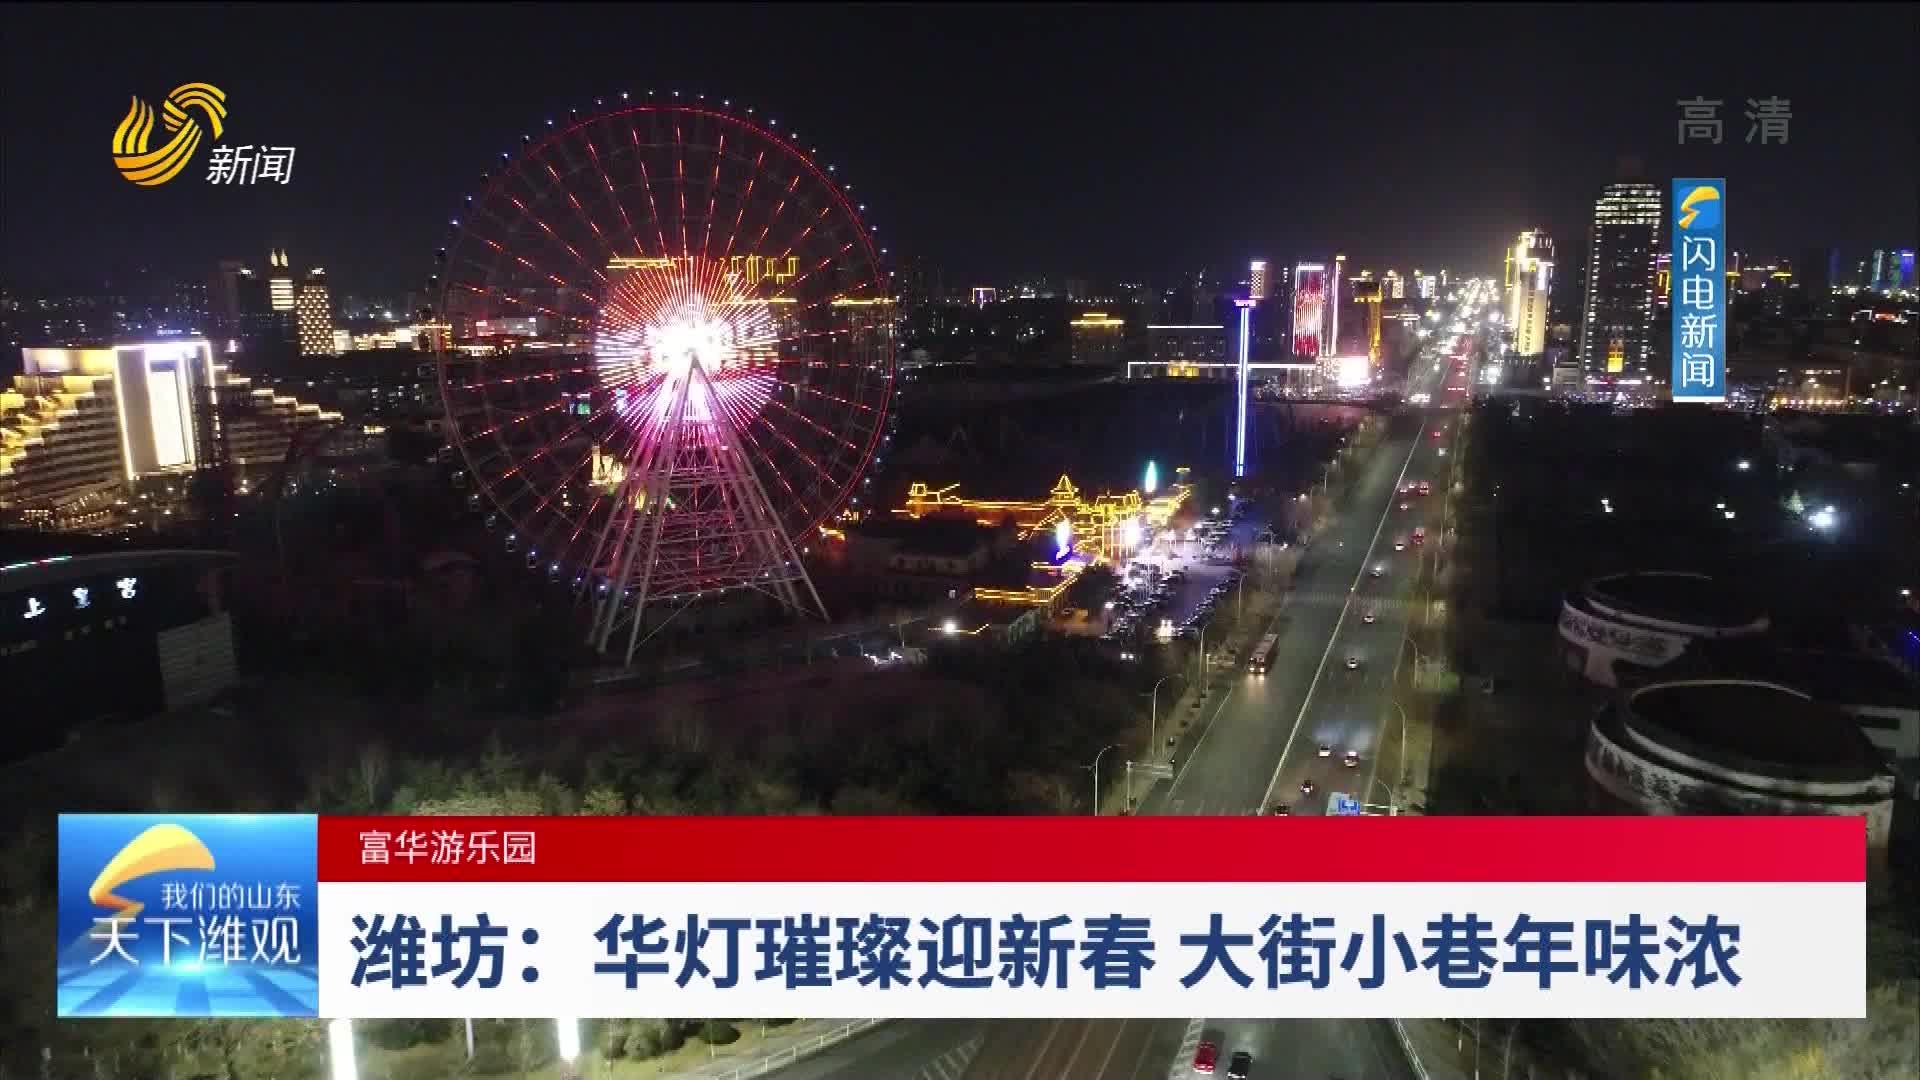 【富华游乐园】潍坊:华灯璀璨迎新春 大街小巷年味浓